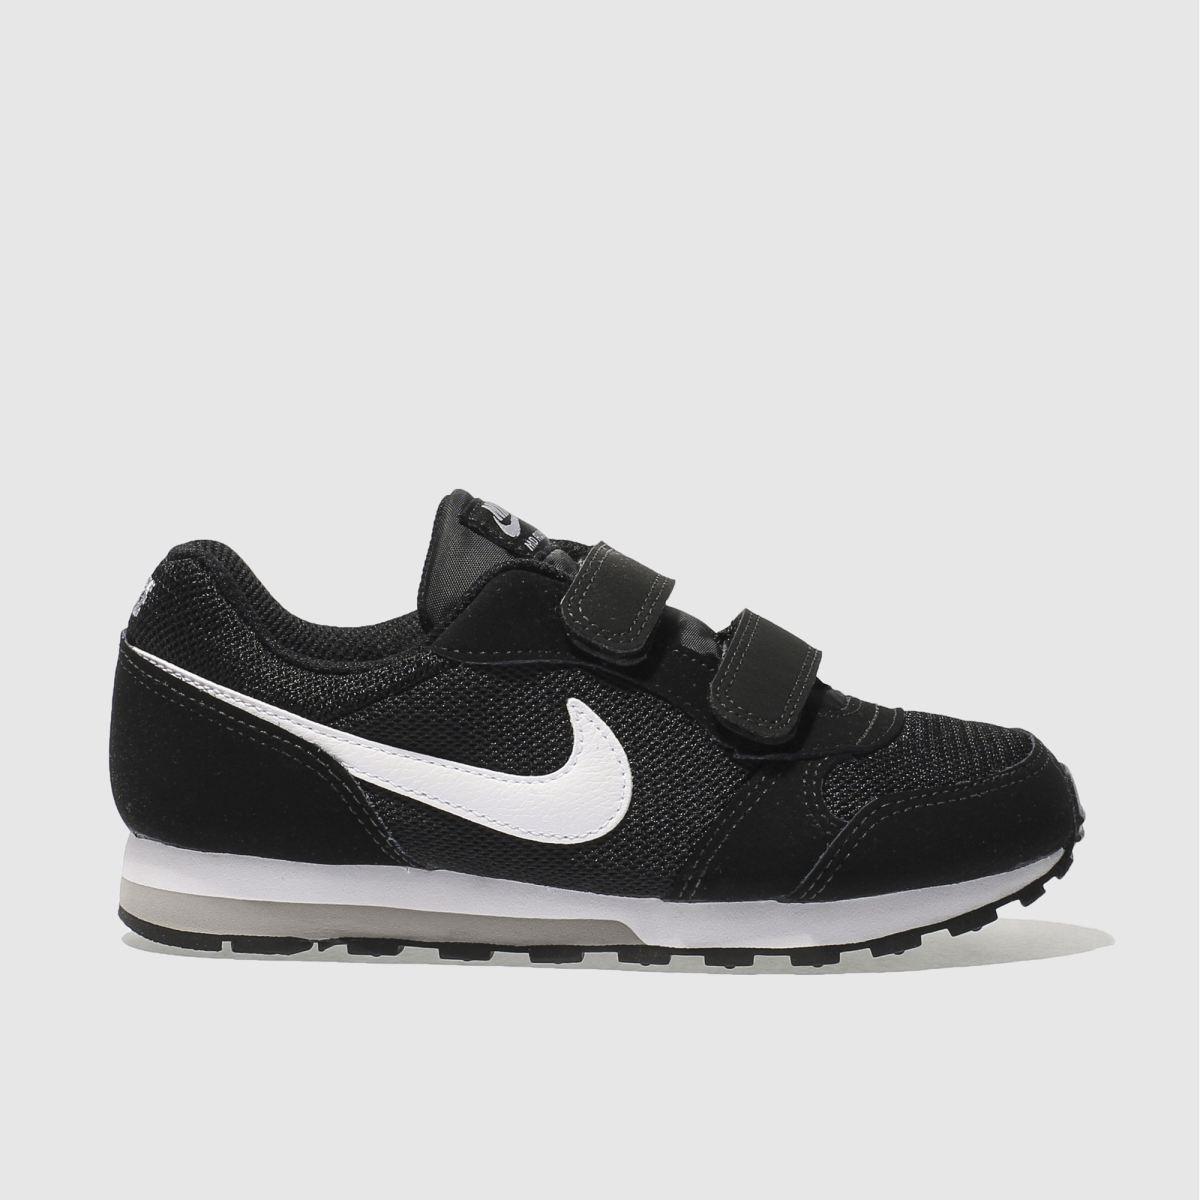 9daa7a40454d ... Nike Black   White Md Runner 2 Boys Junior NIKE Free Run ...